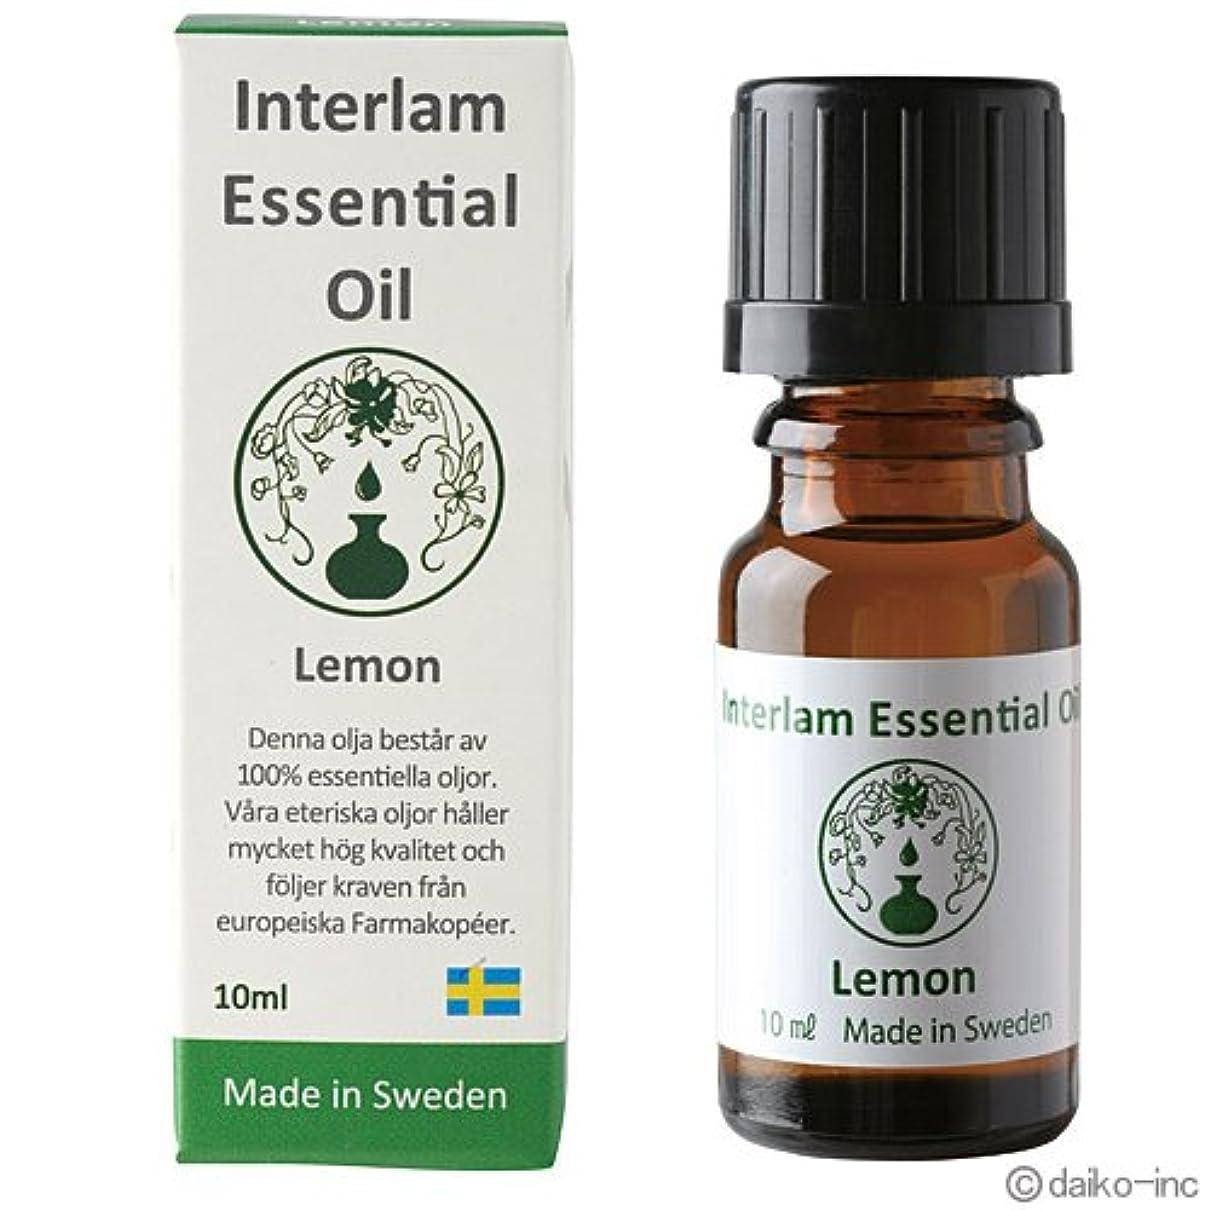 鮫首蓋Interlam Essential Oil レモン 10ml